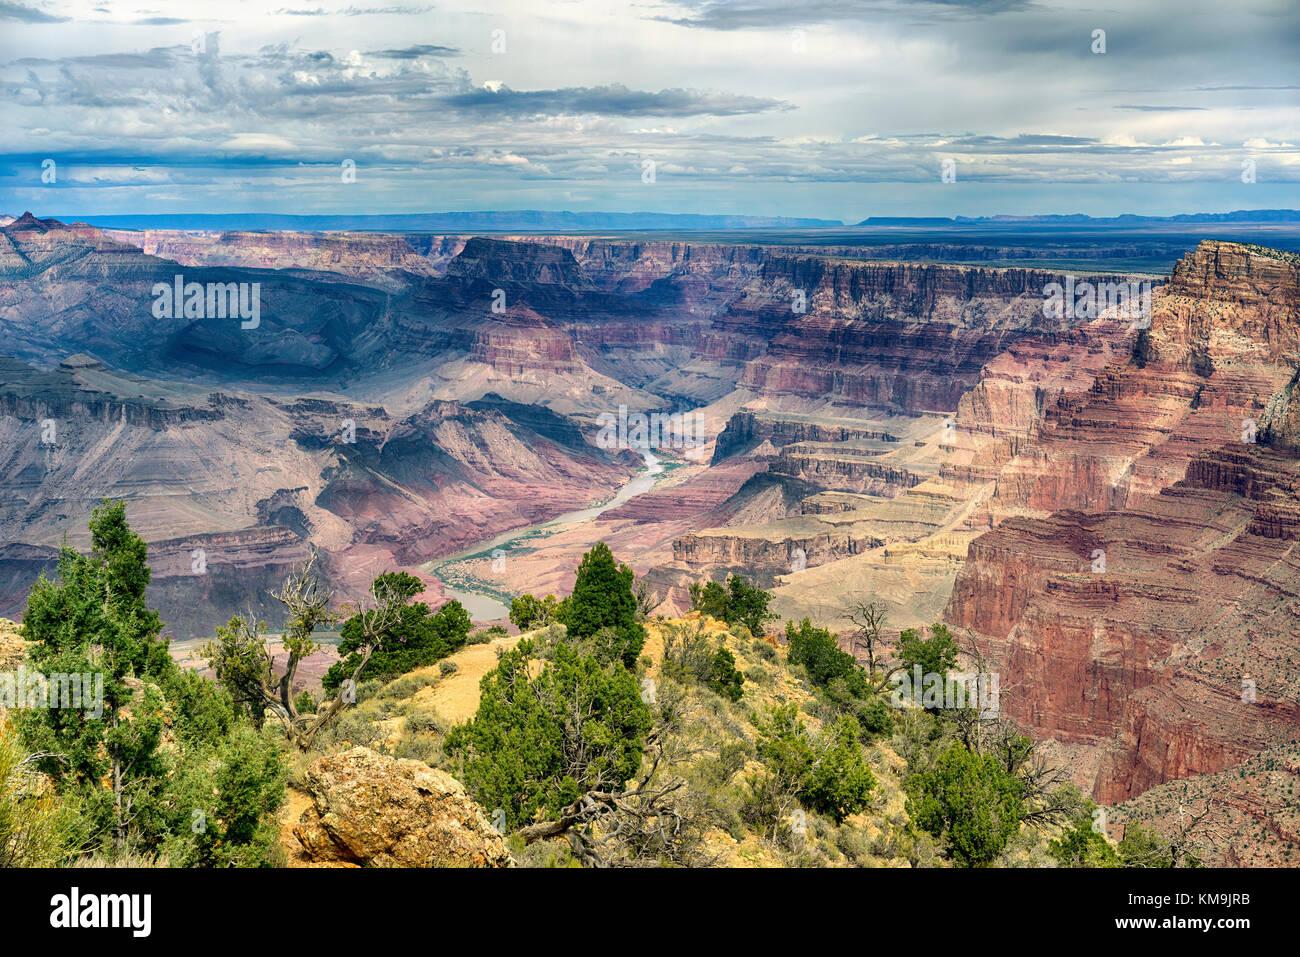 El parque nacional del Gran Cañón con vistas al paisaje de Arizona con el río colorado en la distancia. Imagen De Stock